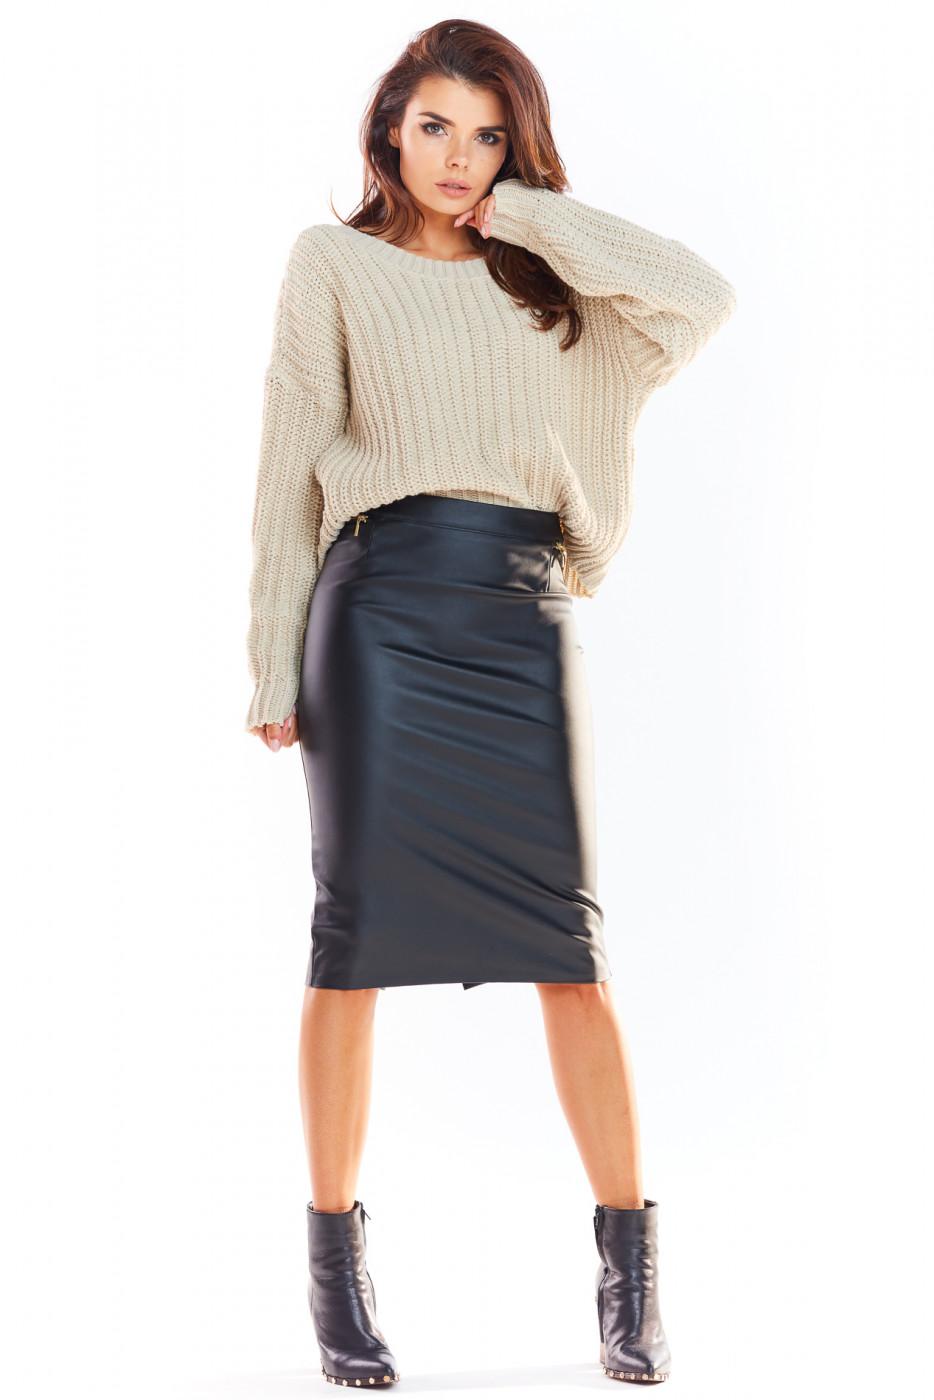 Awama Woman's Skirt A341